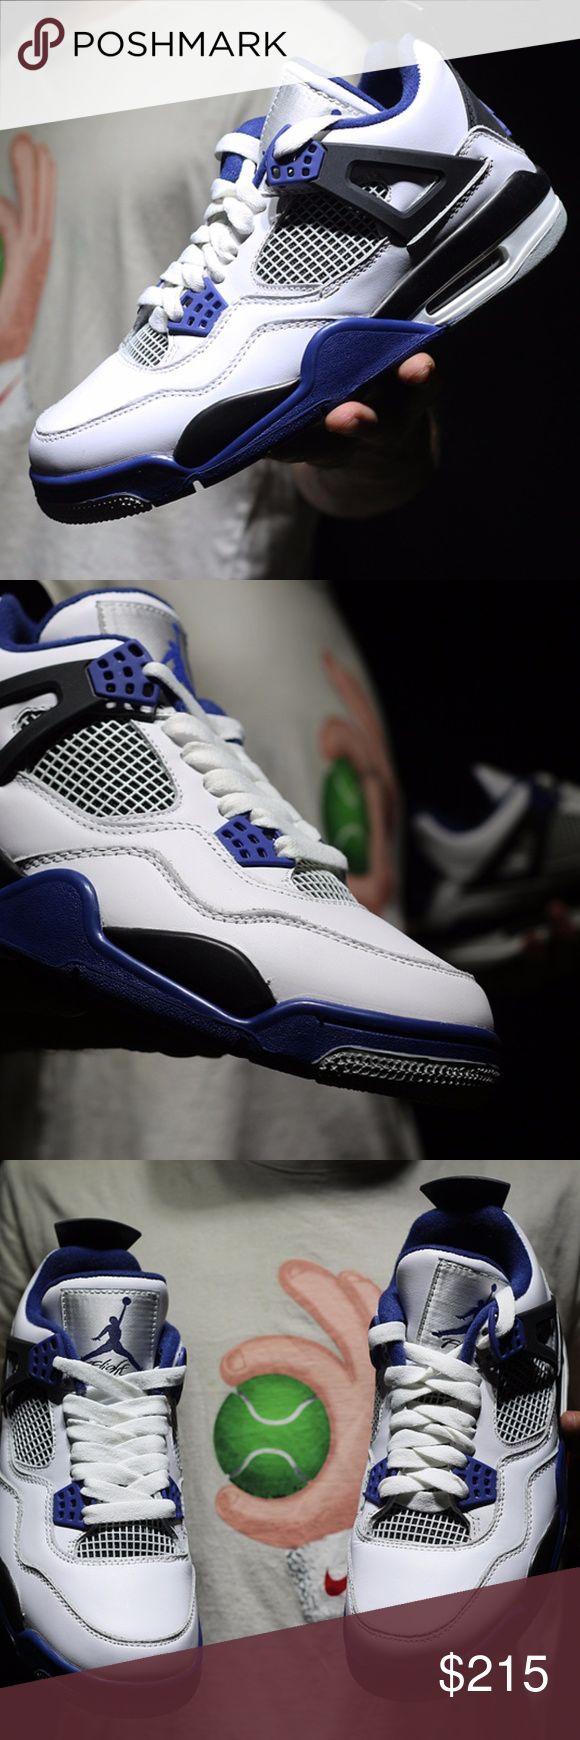 Nike Air Jordan 4 Retro Nike Air Jordan 4 Retro Air Jordan Shoes Sneakers